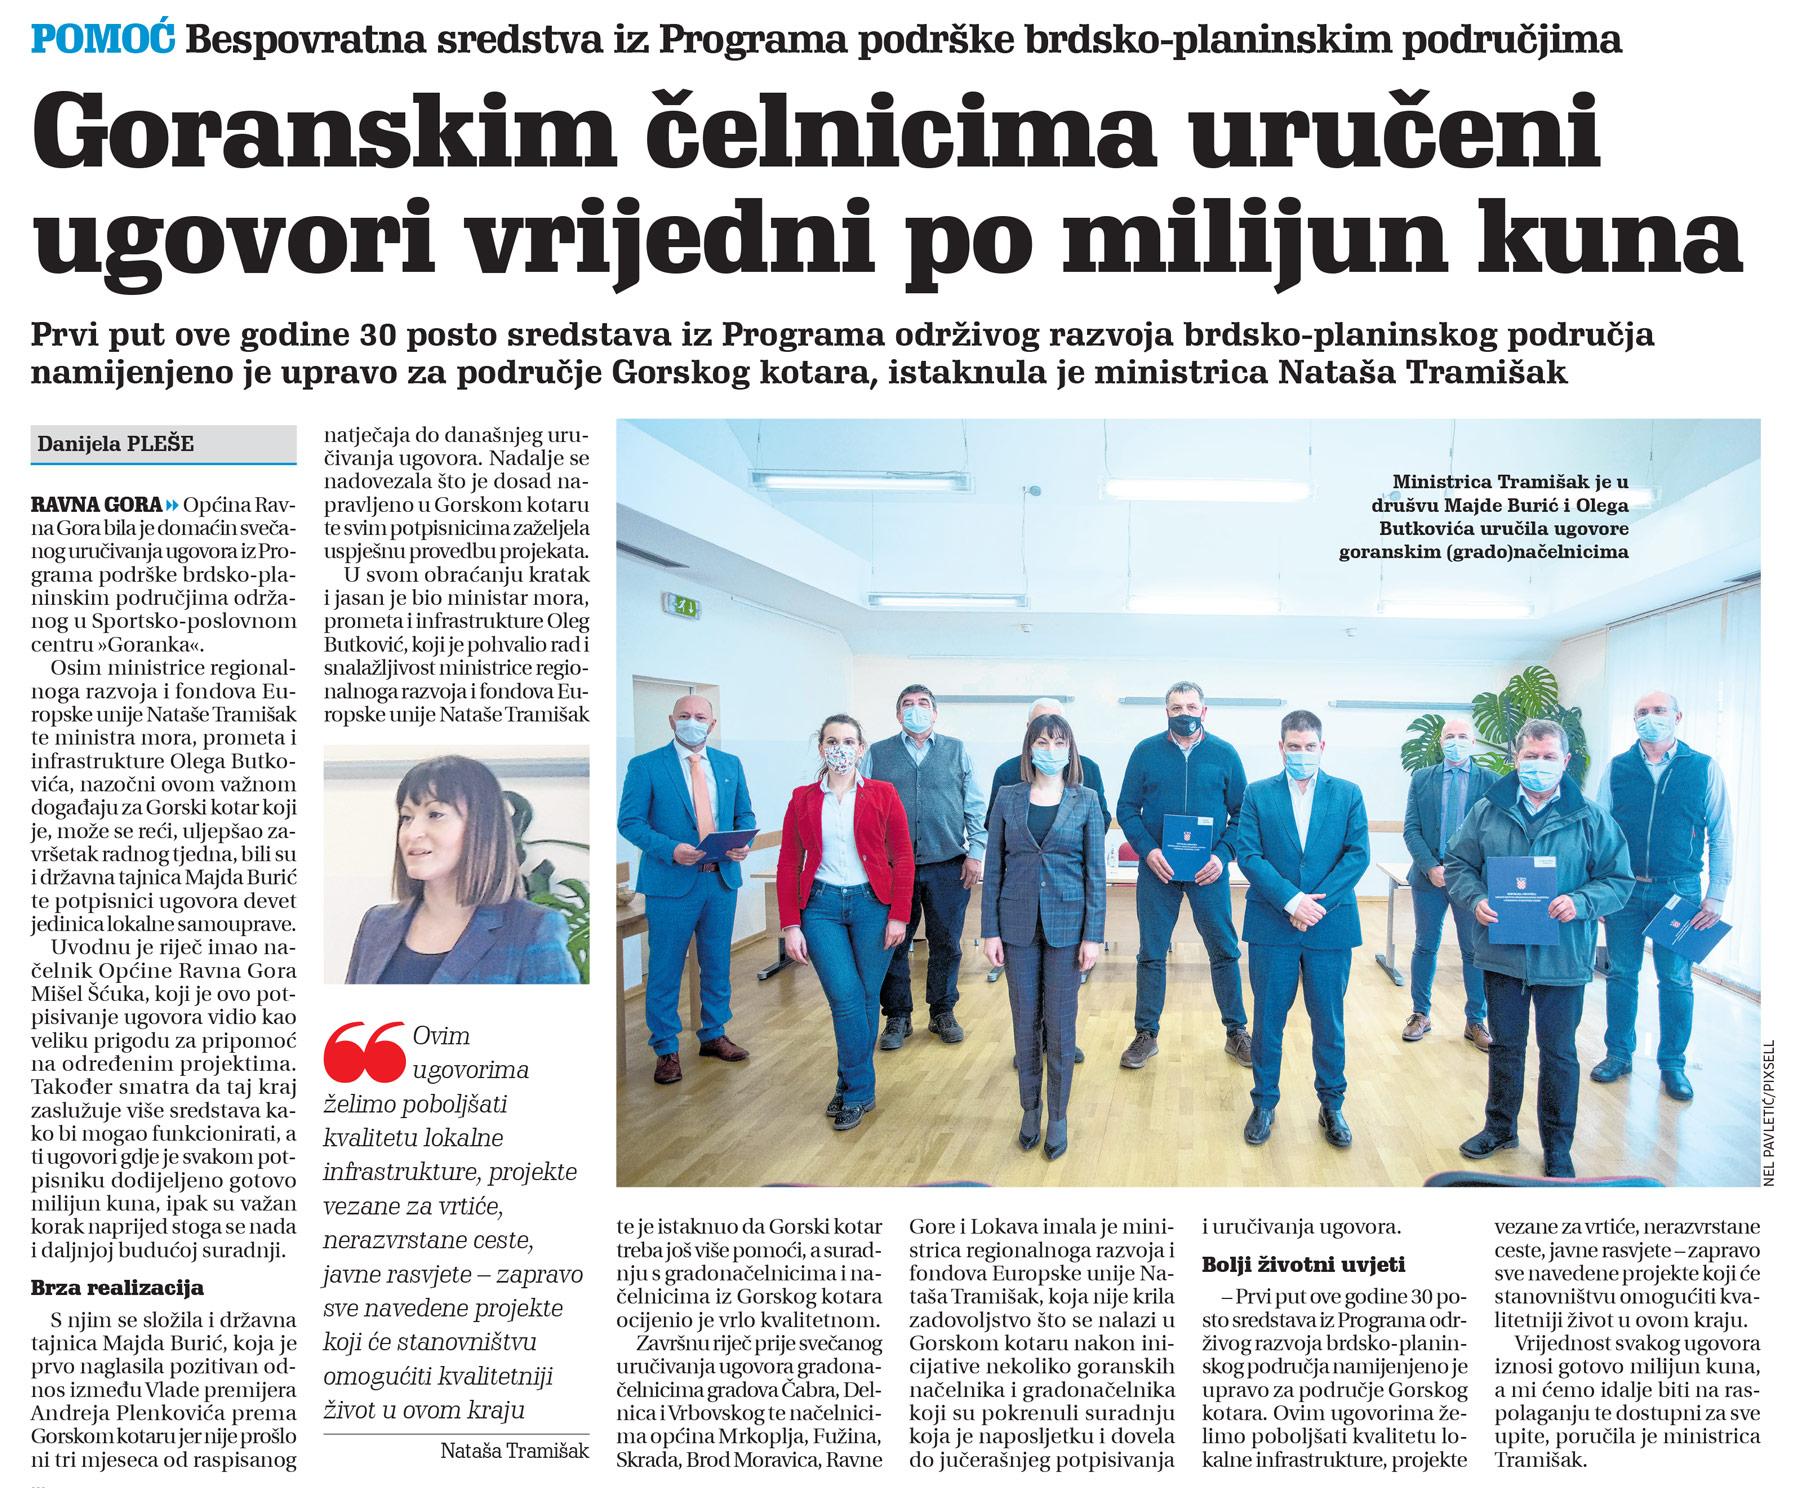 članak, novi list, ugovori milion kuna